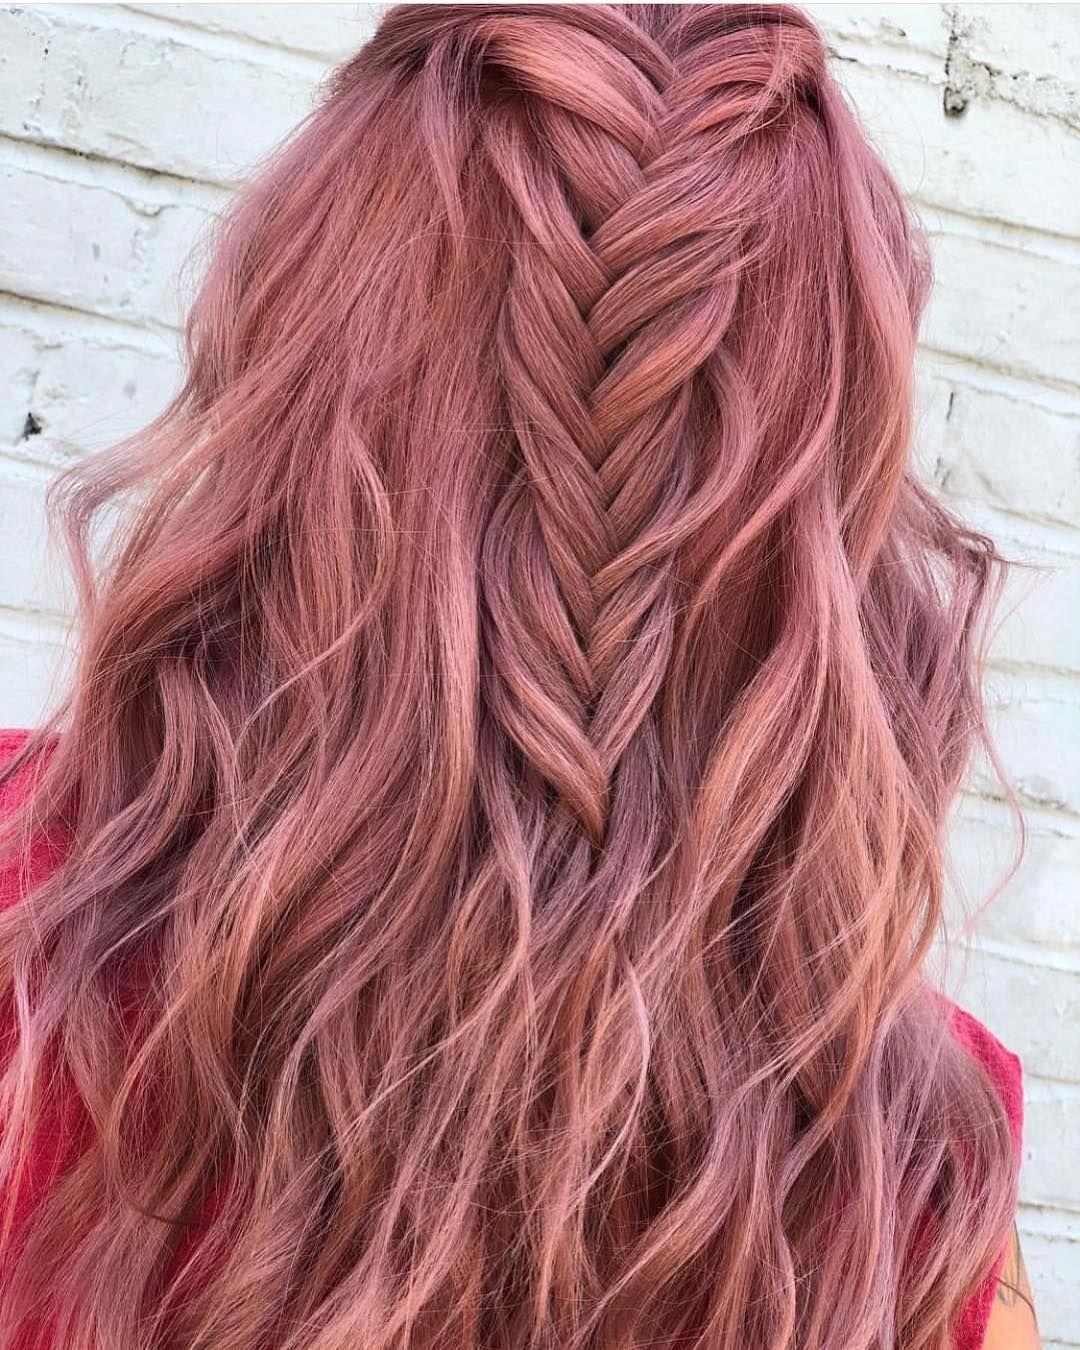 Pulp Riot Hair Color On Instagram Rose Gold Toner